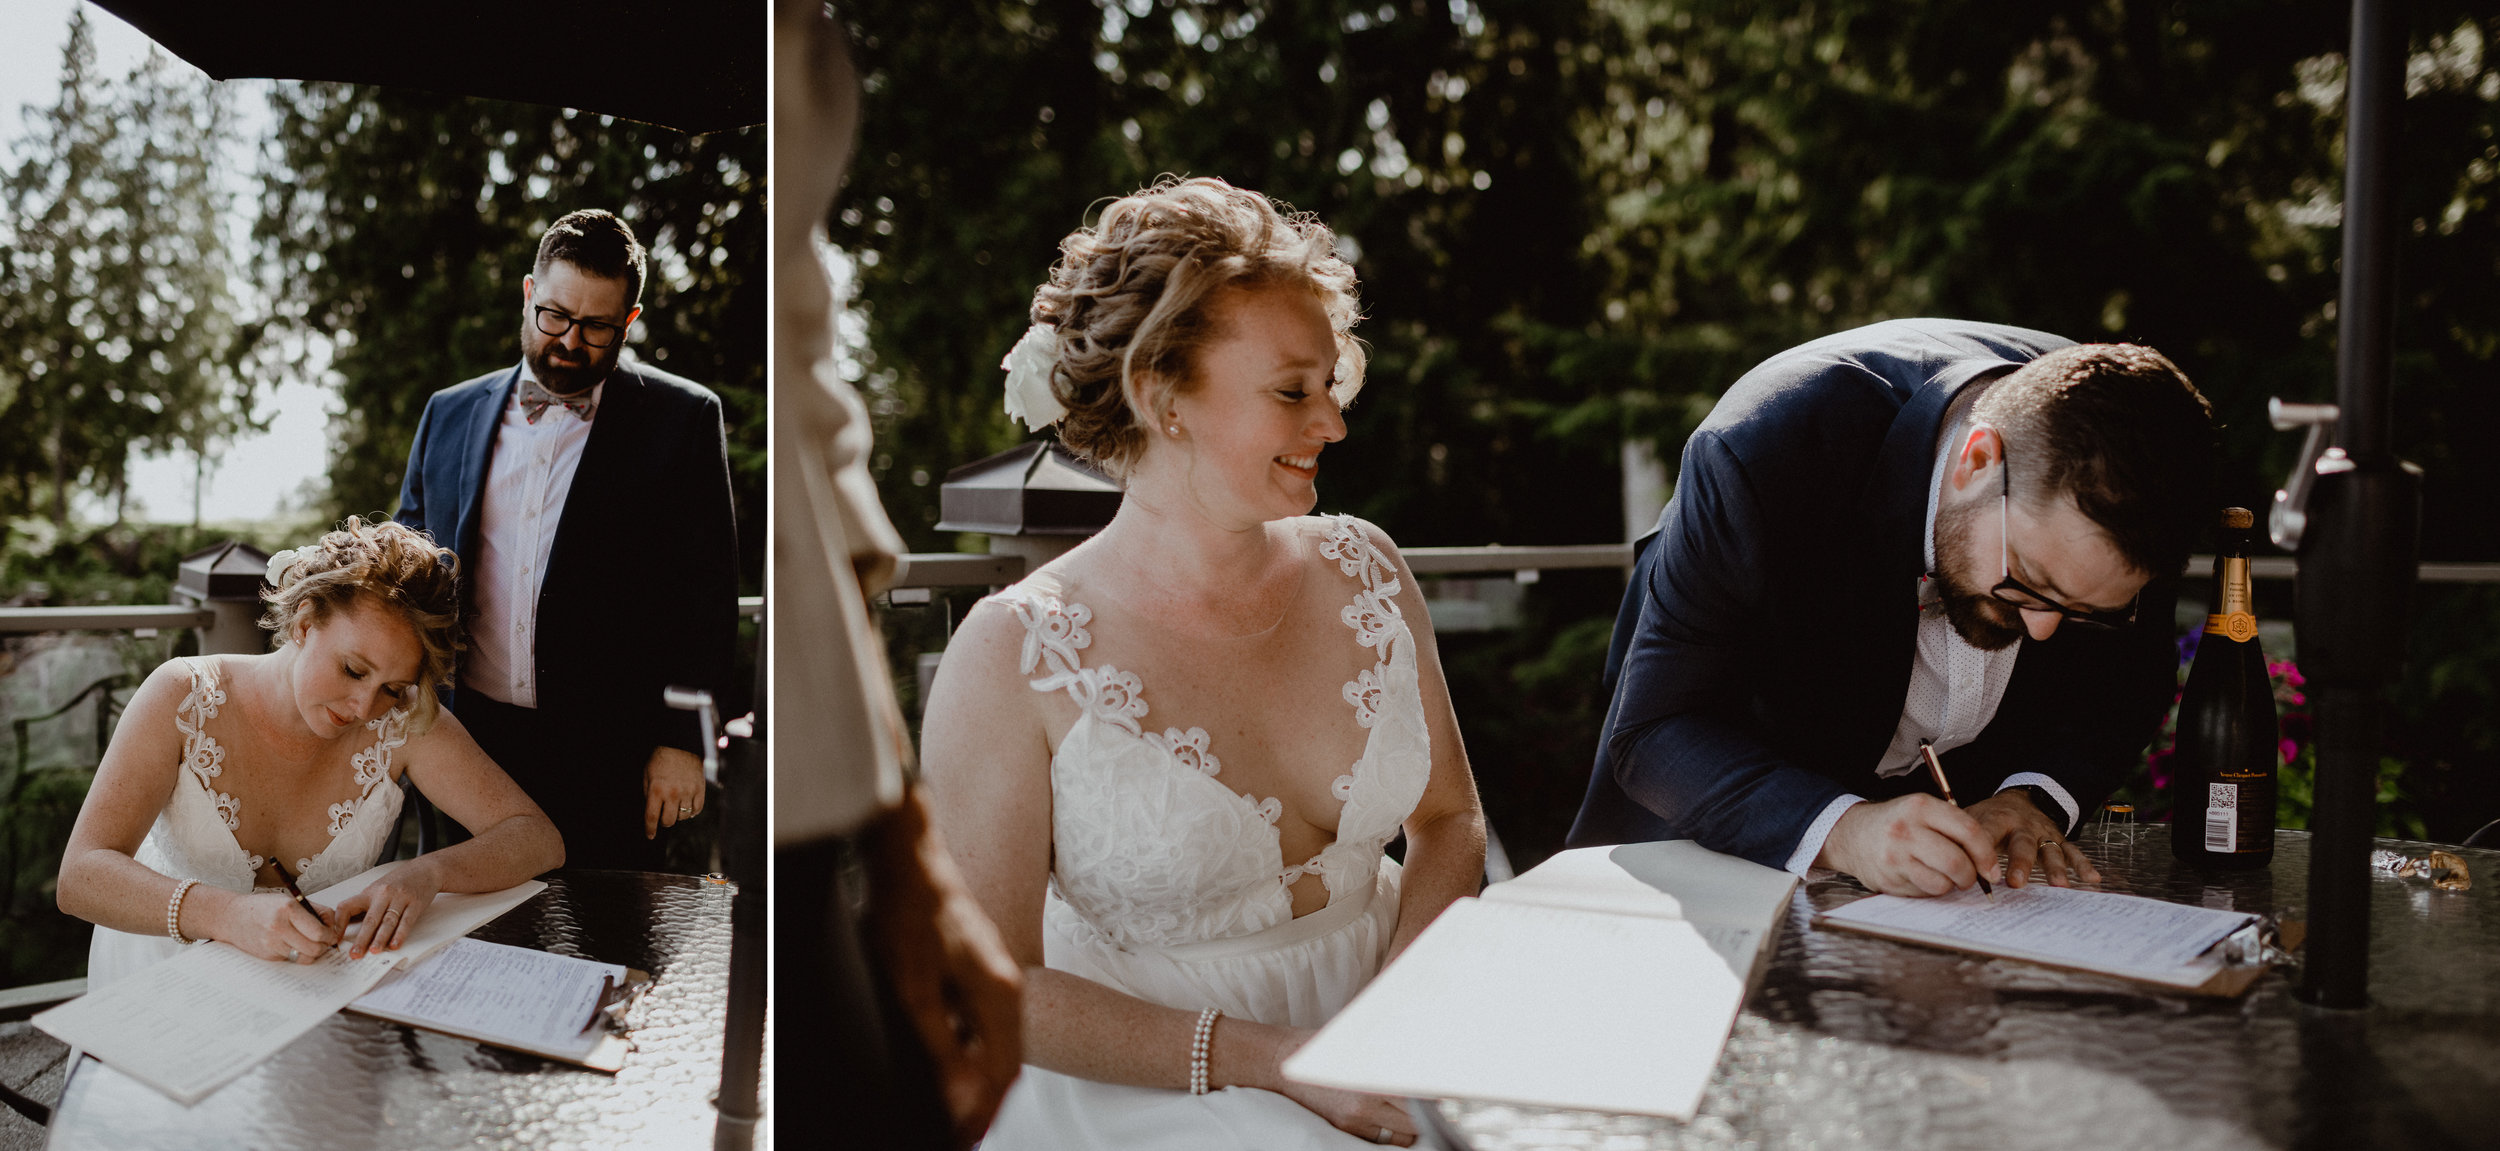 west-vancouver-backyard-wedding-137.jpg